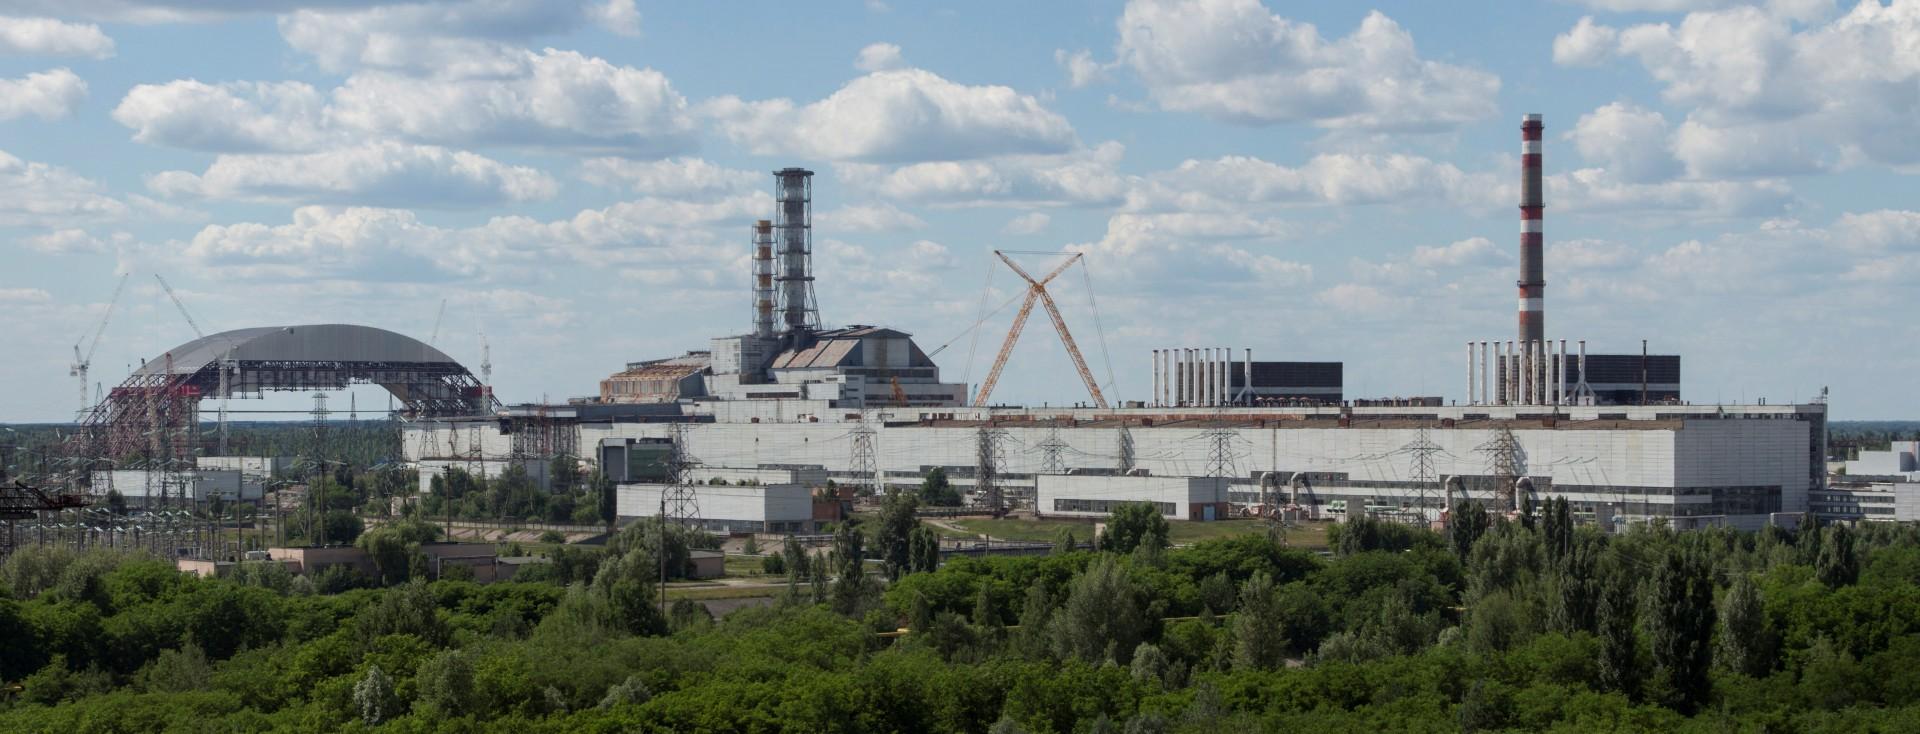 Centrale de Tchernobyl - Chernobyl - Arche de confinement - Juin 2013 - Chantier -  réacteur n°4 - Sarcophage - Ingmar Runge - Wikipedia Commons- Ukraine